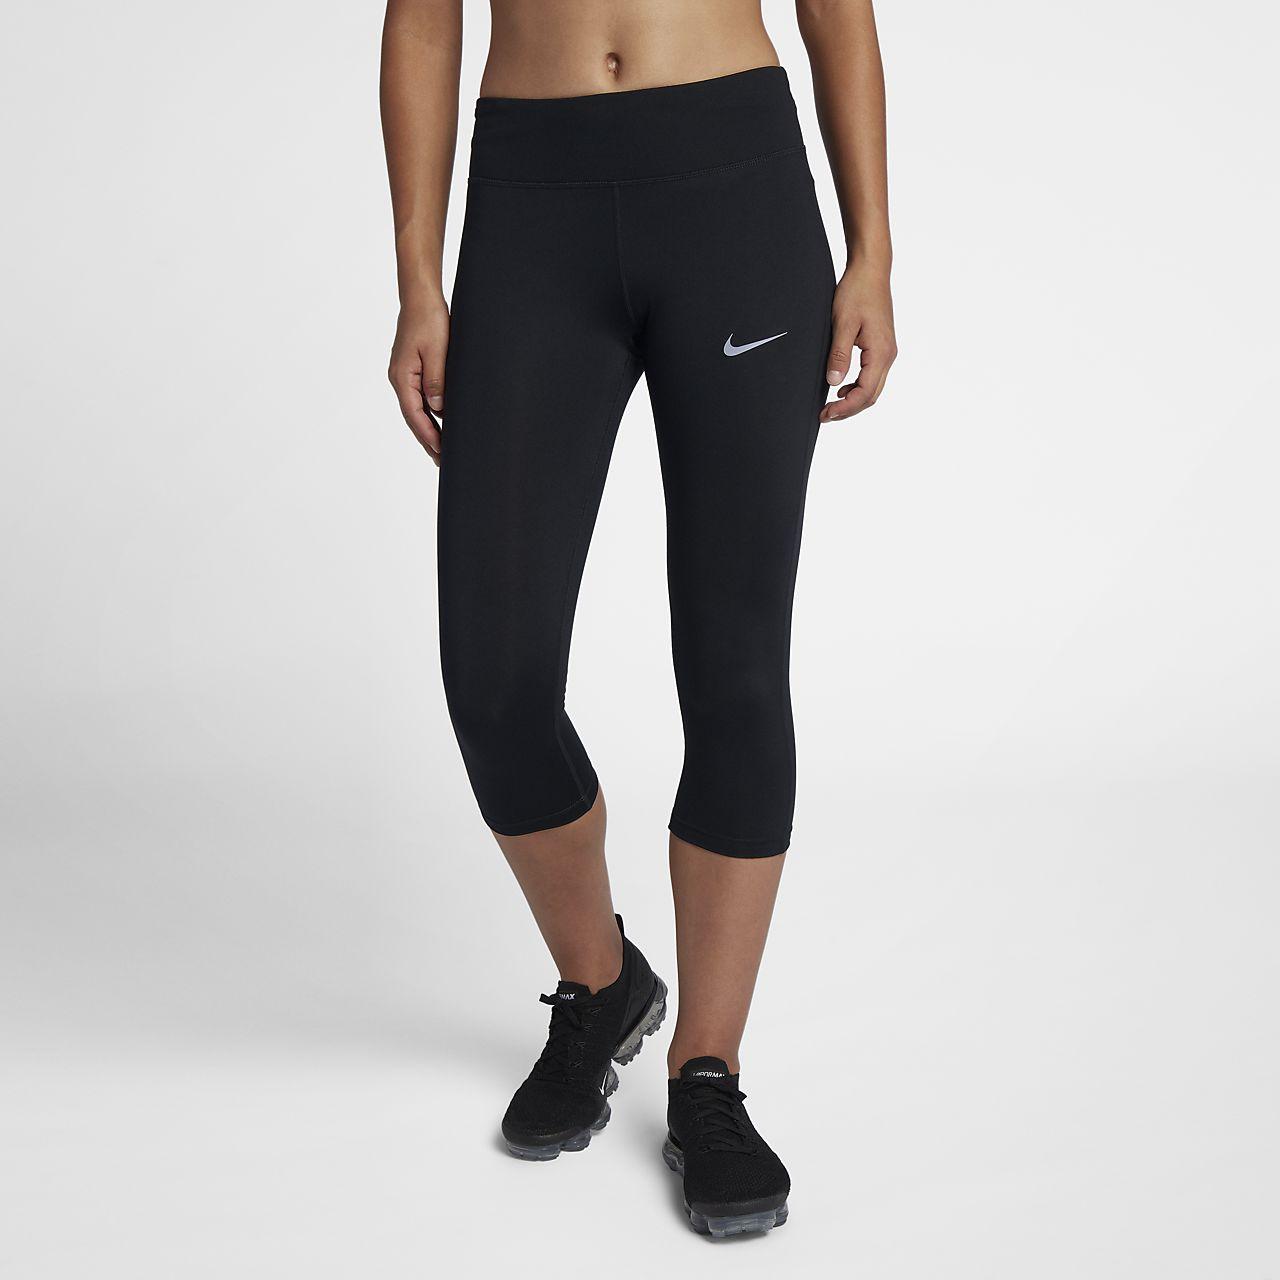 Pantalones de running tipo capri para mujer Nike Essential